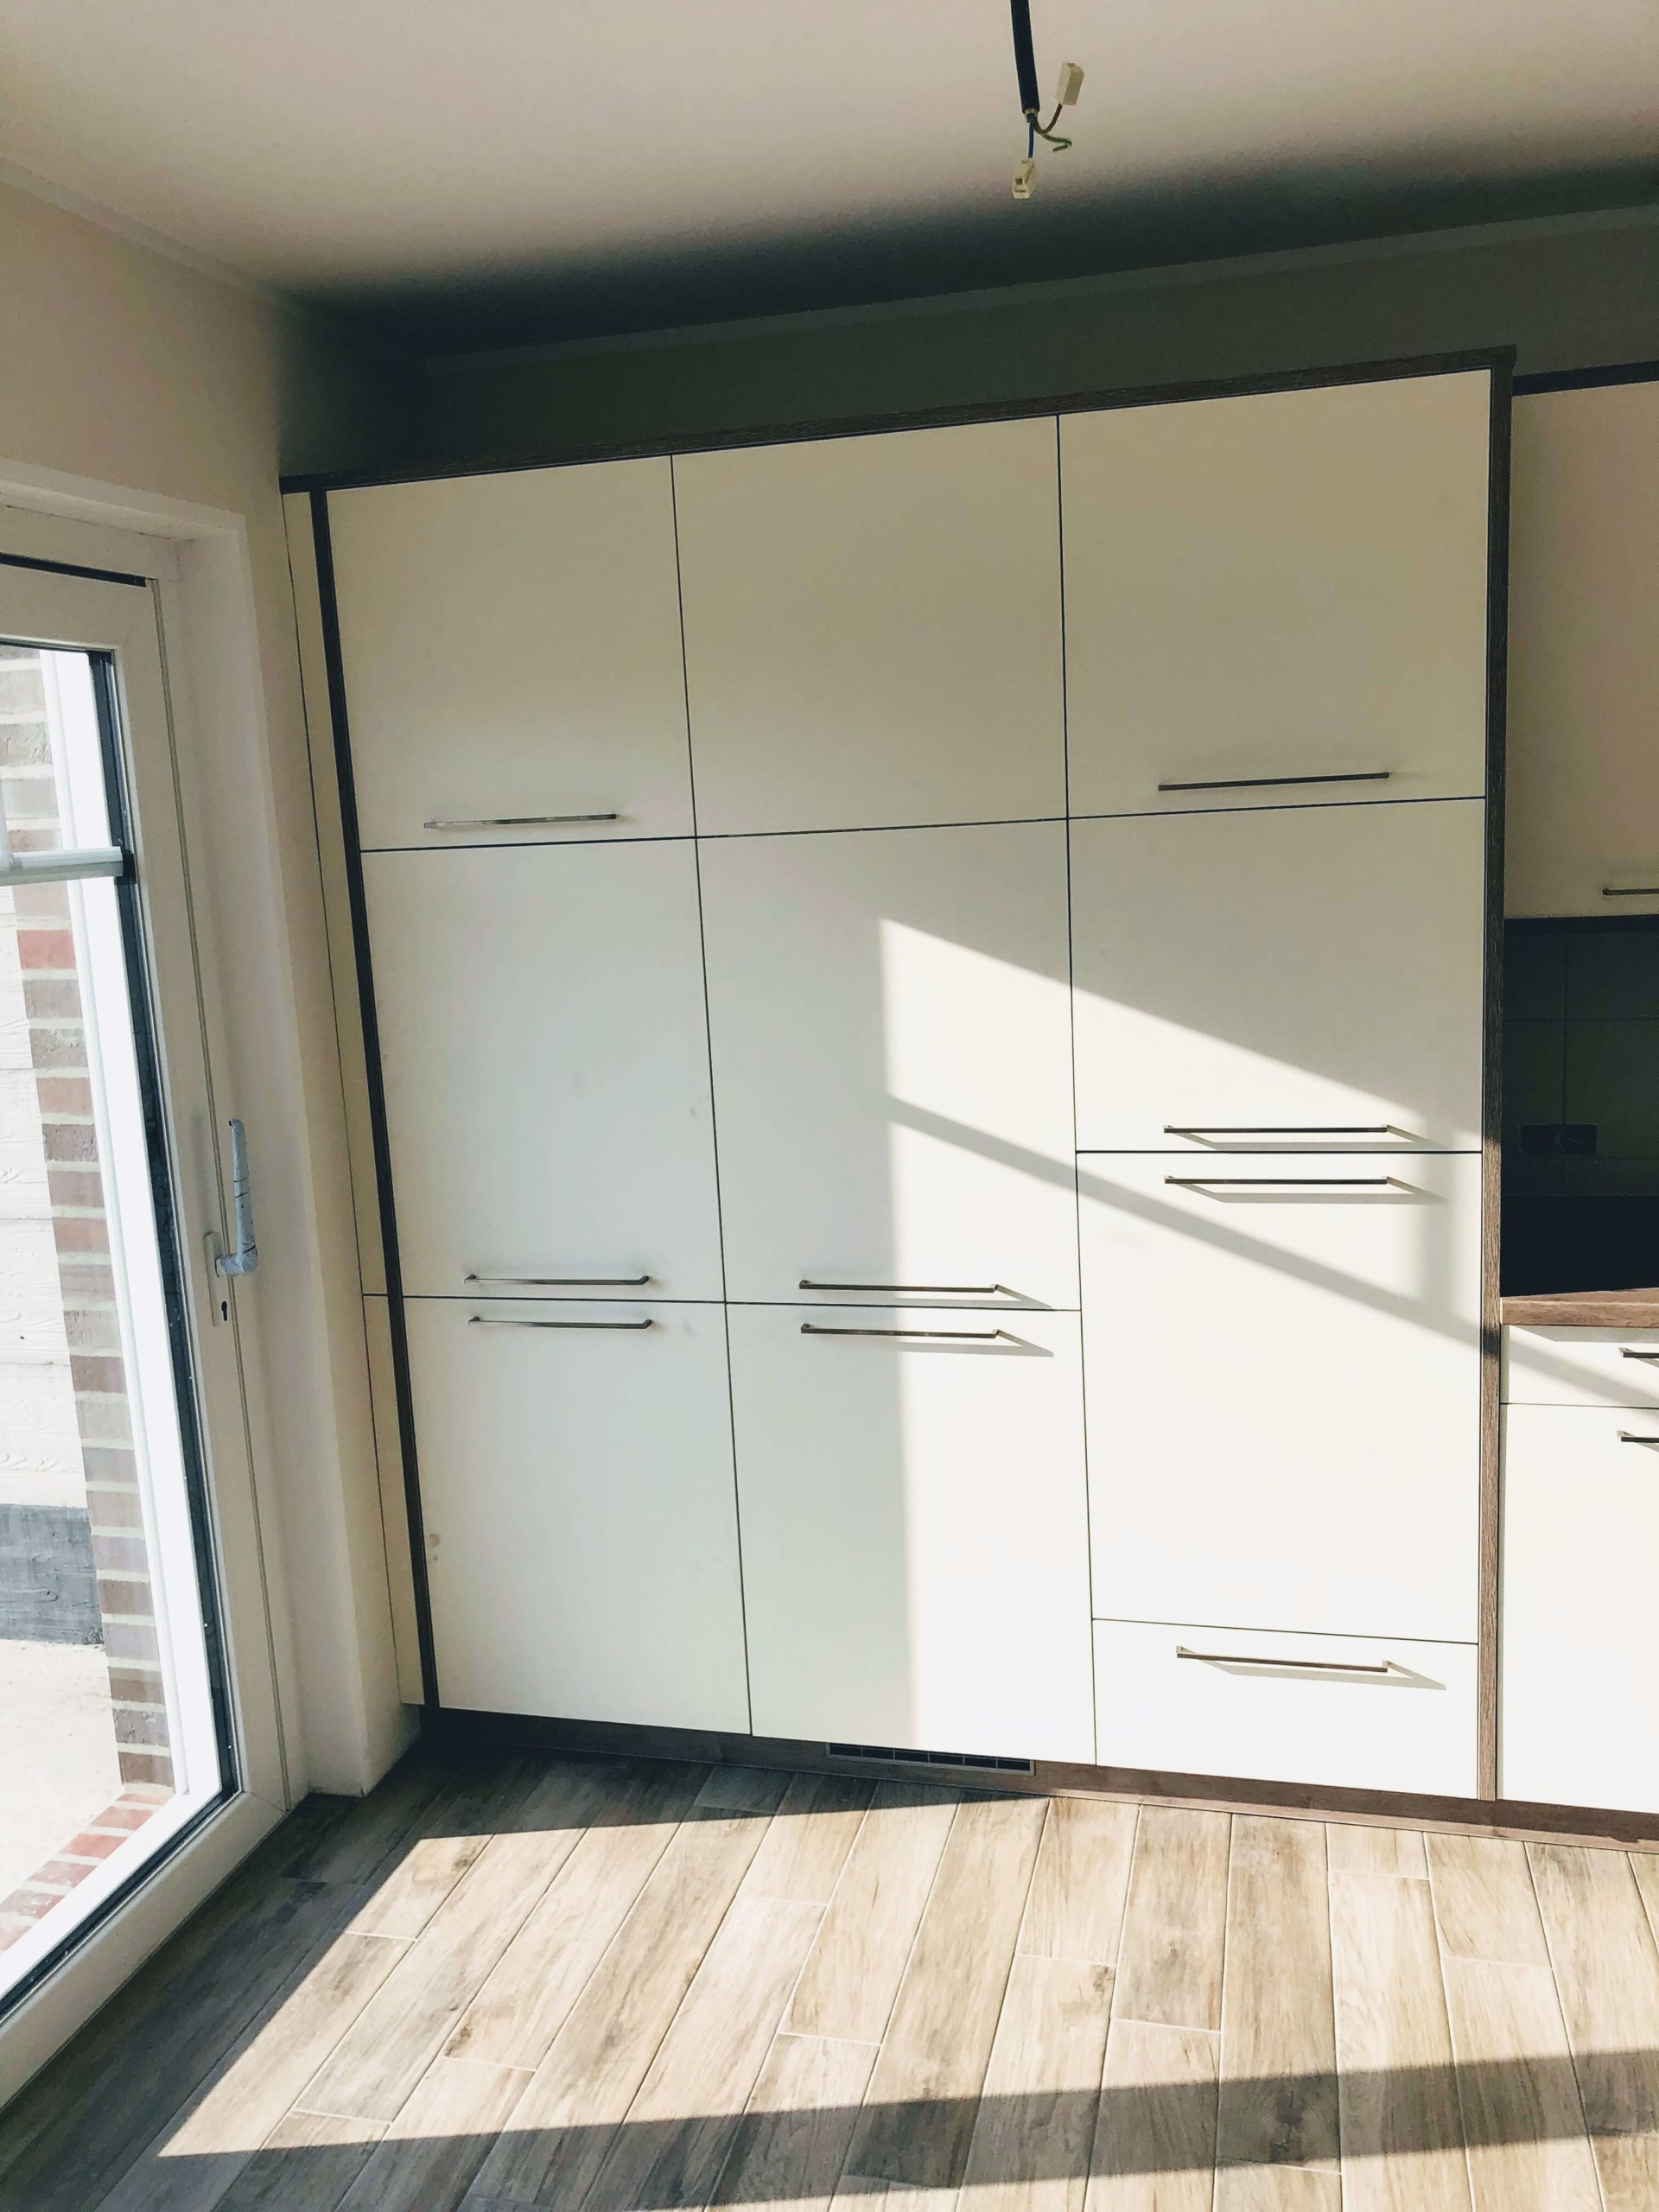 Bauformat Winkelküche Hochschrank